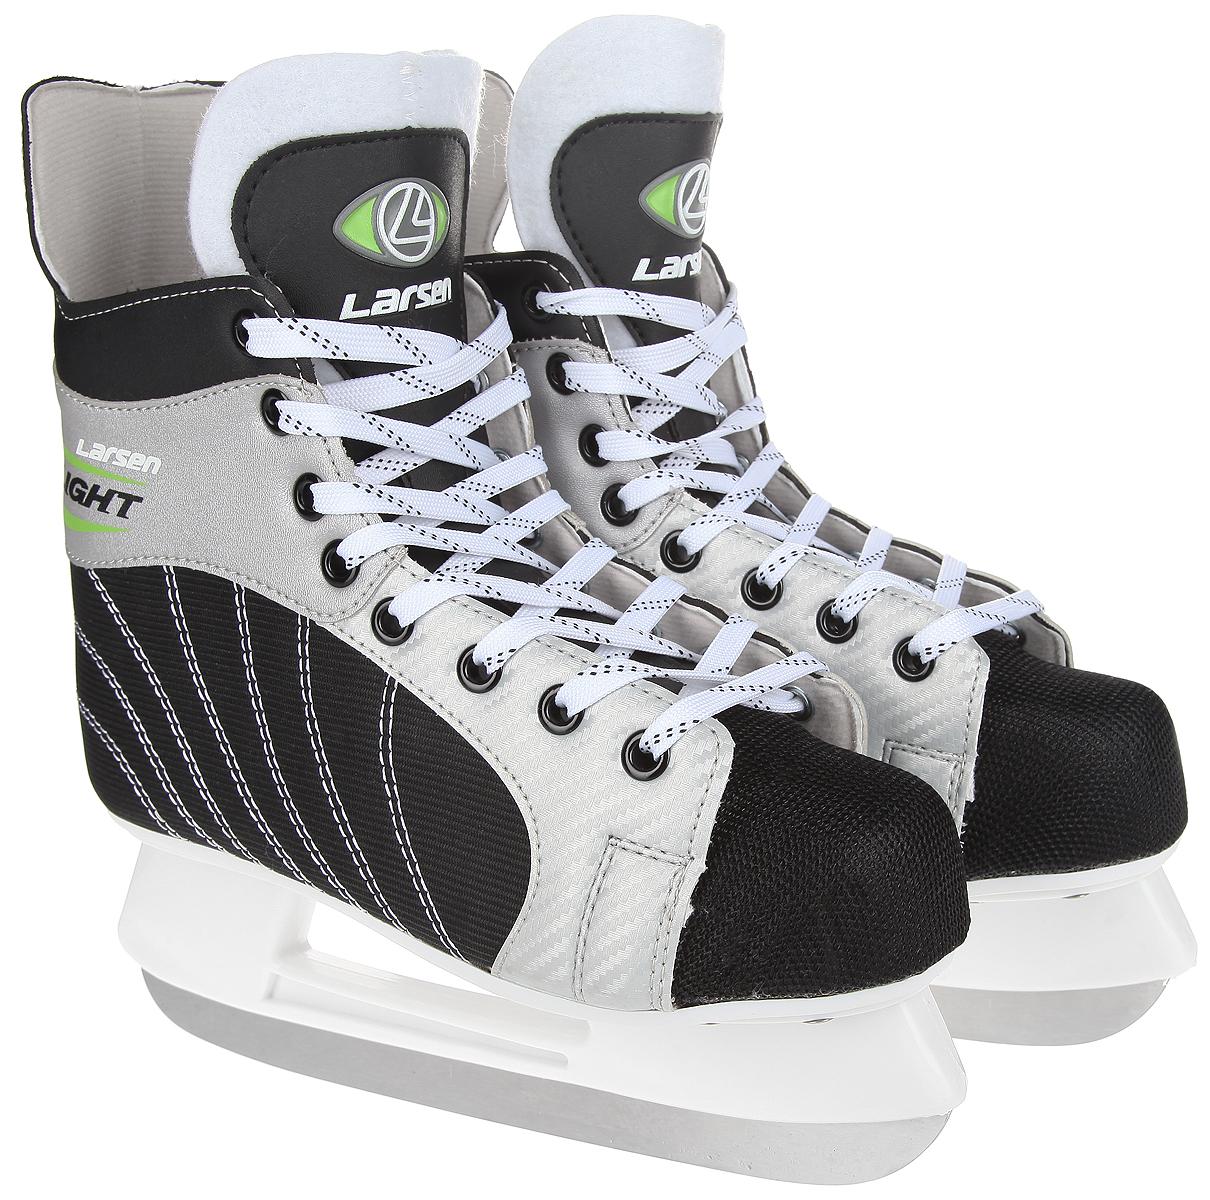 Коньки хоккейные мужские Larsen Light, цвет: черный, серебристый, белый. Размер 39Atemi Force 3.0 2012 Black-GrayСтильные коньки Light от Larsen прекрасно подойдут для начинающих игроков в хоккей. Ботиноквыполнен из нейлона со вставками из морозоустойчивого поливинилхлорида. Мыс выполнен изполипропилена, покрытого сетчатым нейлоном, который защитит ноги от ударов. Внутреннийслой изготовлен из материала Cambrelle, который обладает высокой гигроскопичностью ивоздухопроницаемостью, имеет высокую степень устойчивости к истиранию, приятен на ощупь,быстро высыхает. Язычок из войлока обеспечивает дополнительное тепло. Плотная шнуровканадежно фиксирует модель на ноге. Голеностоп имеет удобный суппорт. Стелька из EVA стекстильной поверхностью обеспечит комфортное катание. Стойка выполнена изударопрочного пластика. Лезвие из нержавеющей стали обеспечит превосходное скольжение.В комплект входят пластиковые чехлы для лезвия. Рекомендуемая температураиспользования: до -20°C.